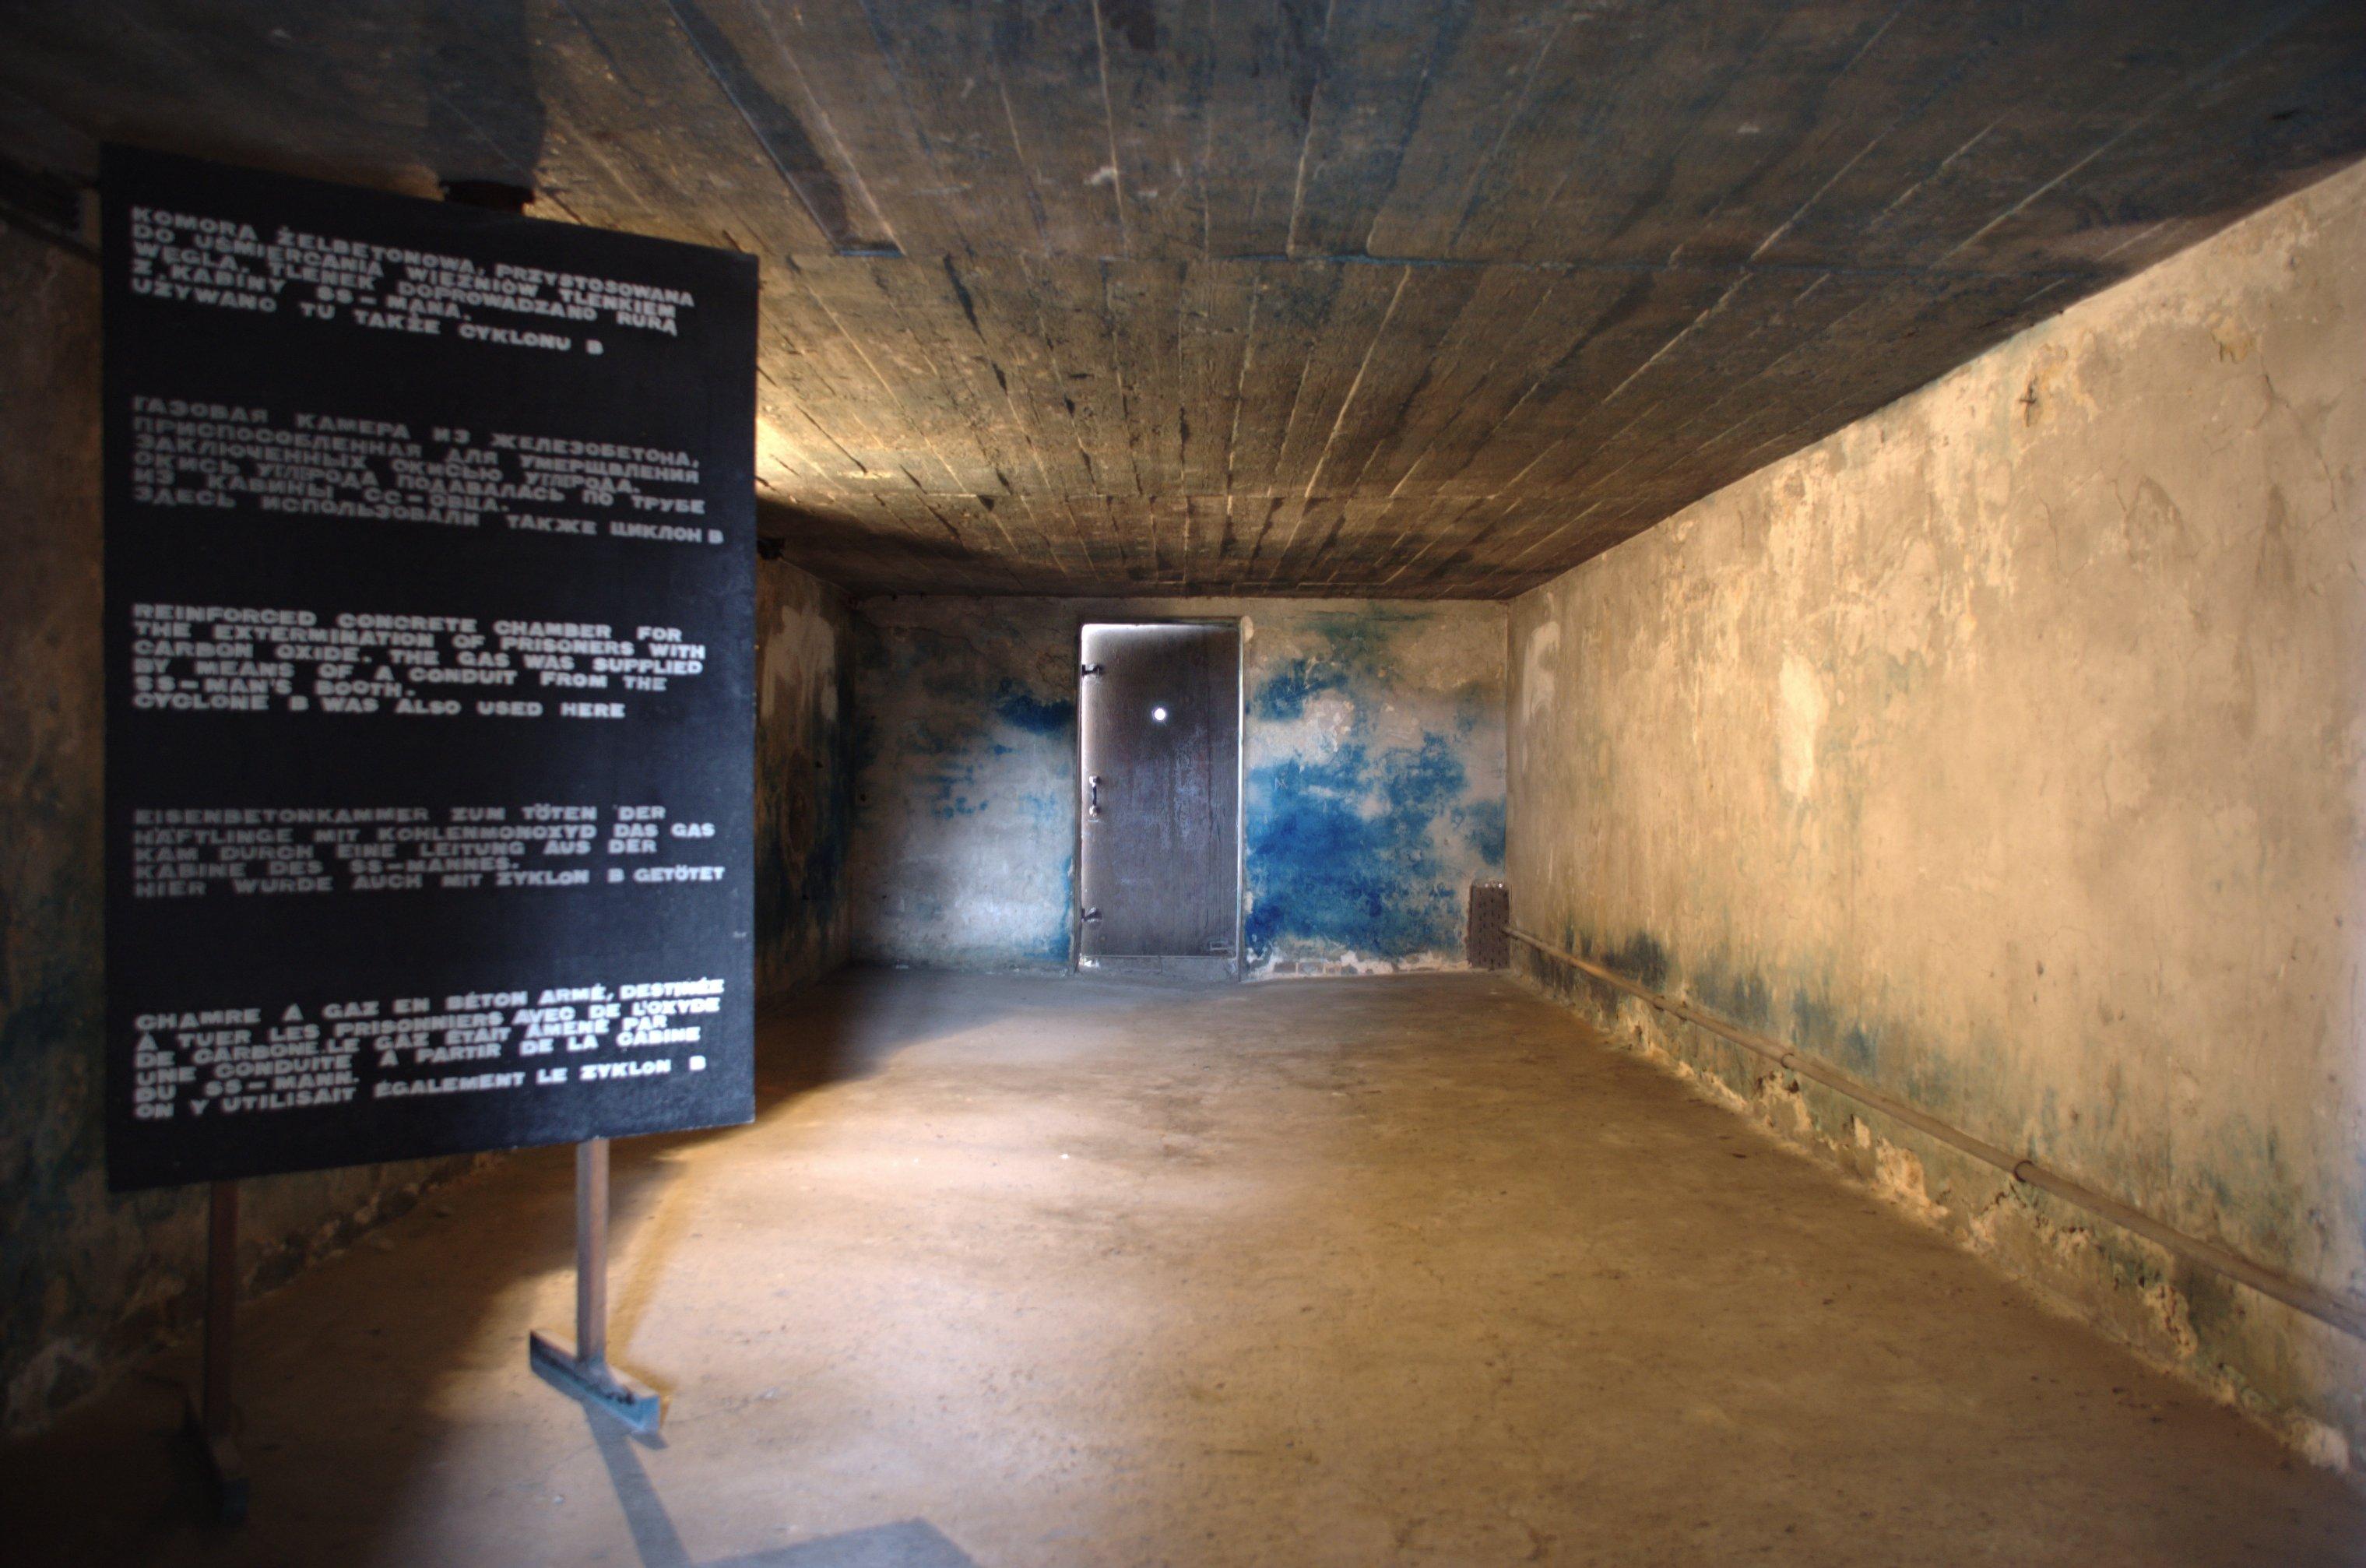 Chambre a gaz for Auschwitz chambre a gaz